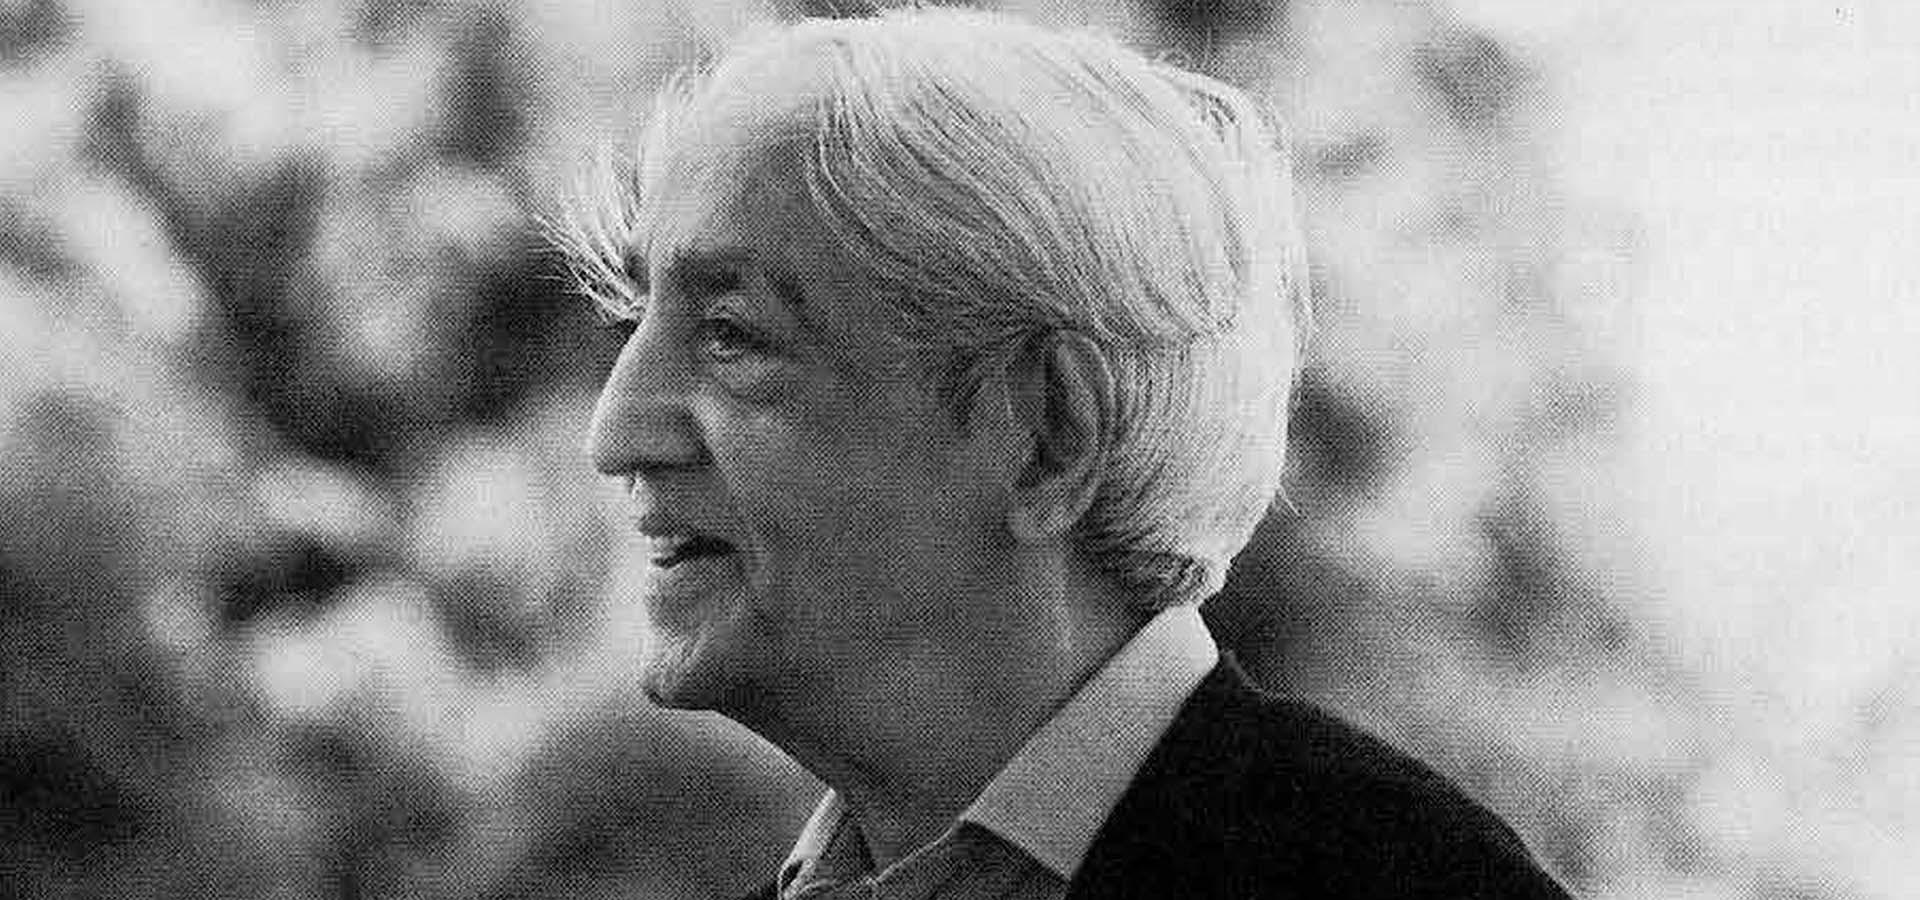 Jiddu Krishnamurti - Εδραιώνοντας αληθινή Σχέση με την Ανθρωπότητα - Εις Εαυτόν